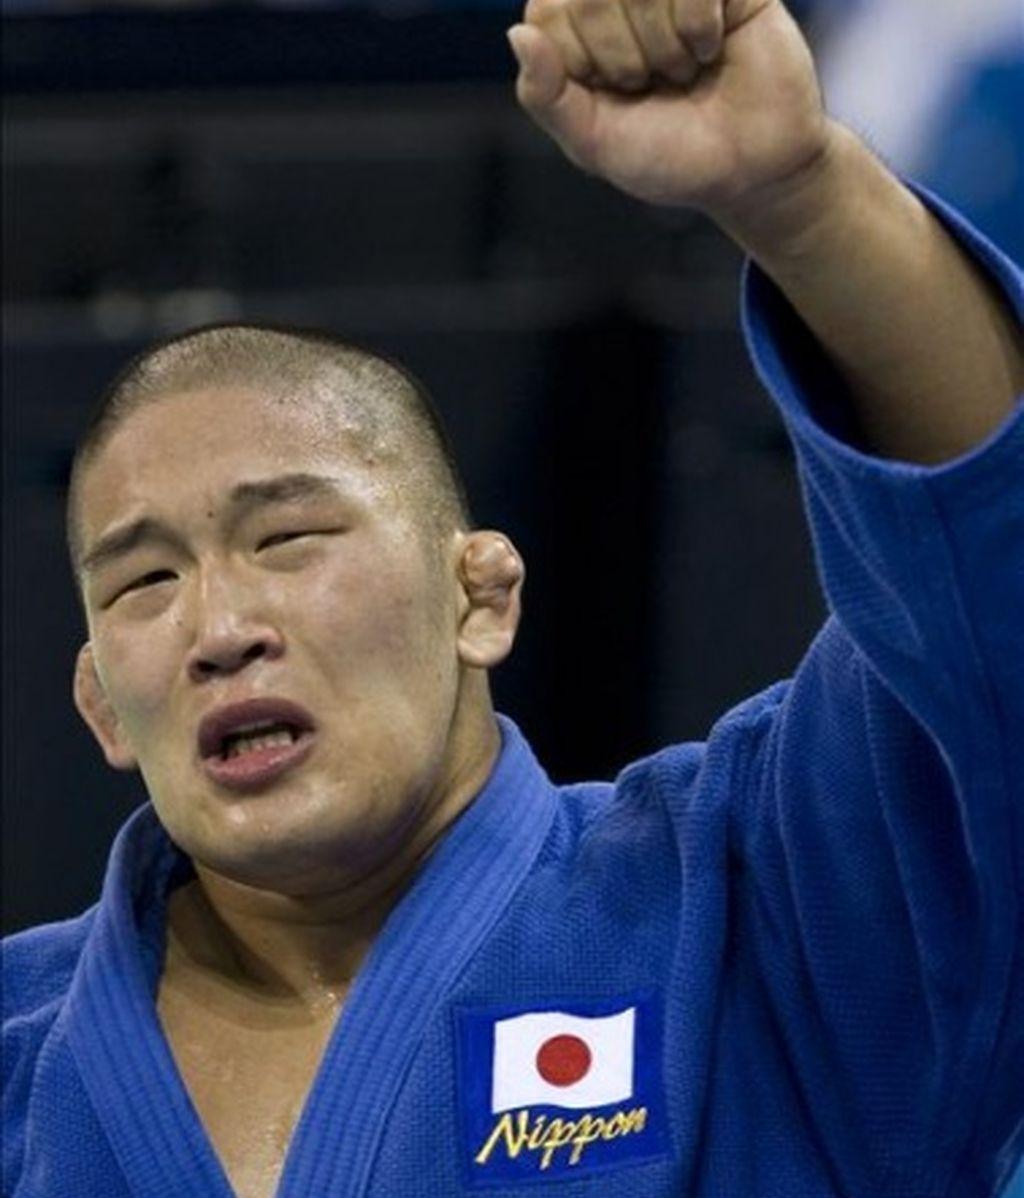 El japonés de 21 años Satoshi Ishii sorprendió al ganar el oro en la categoría de + 100 kilos.